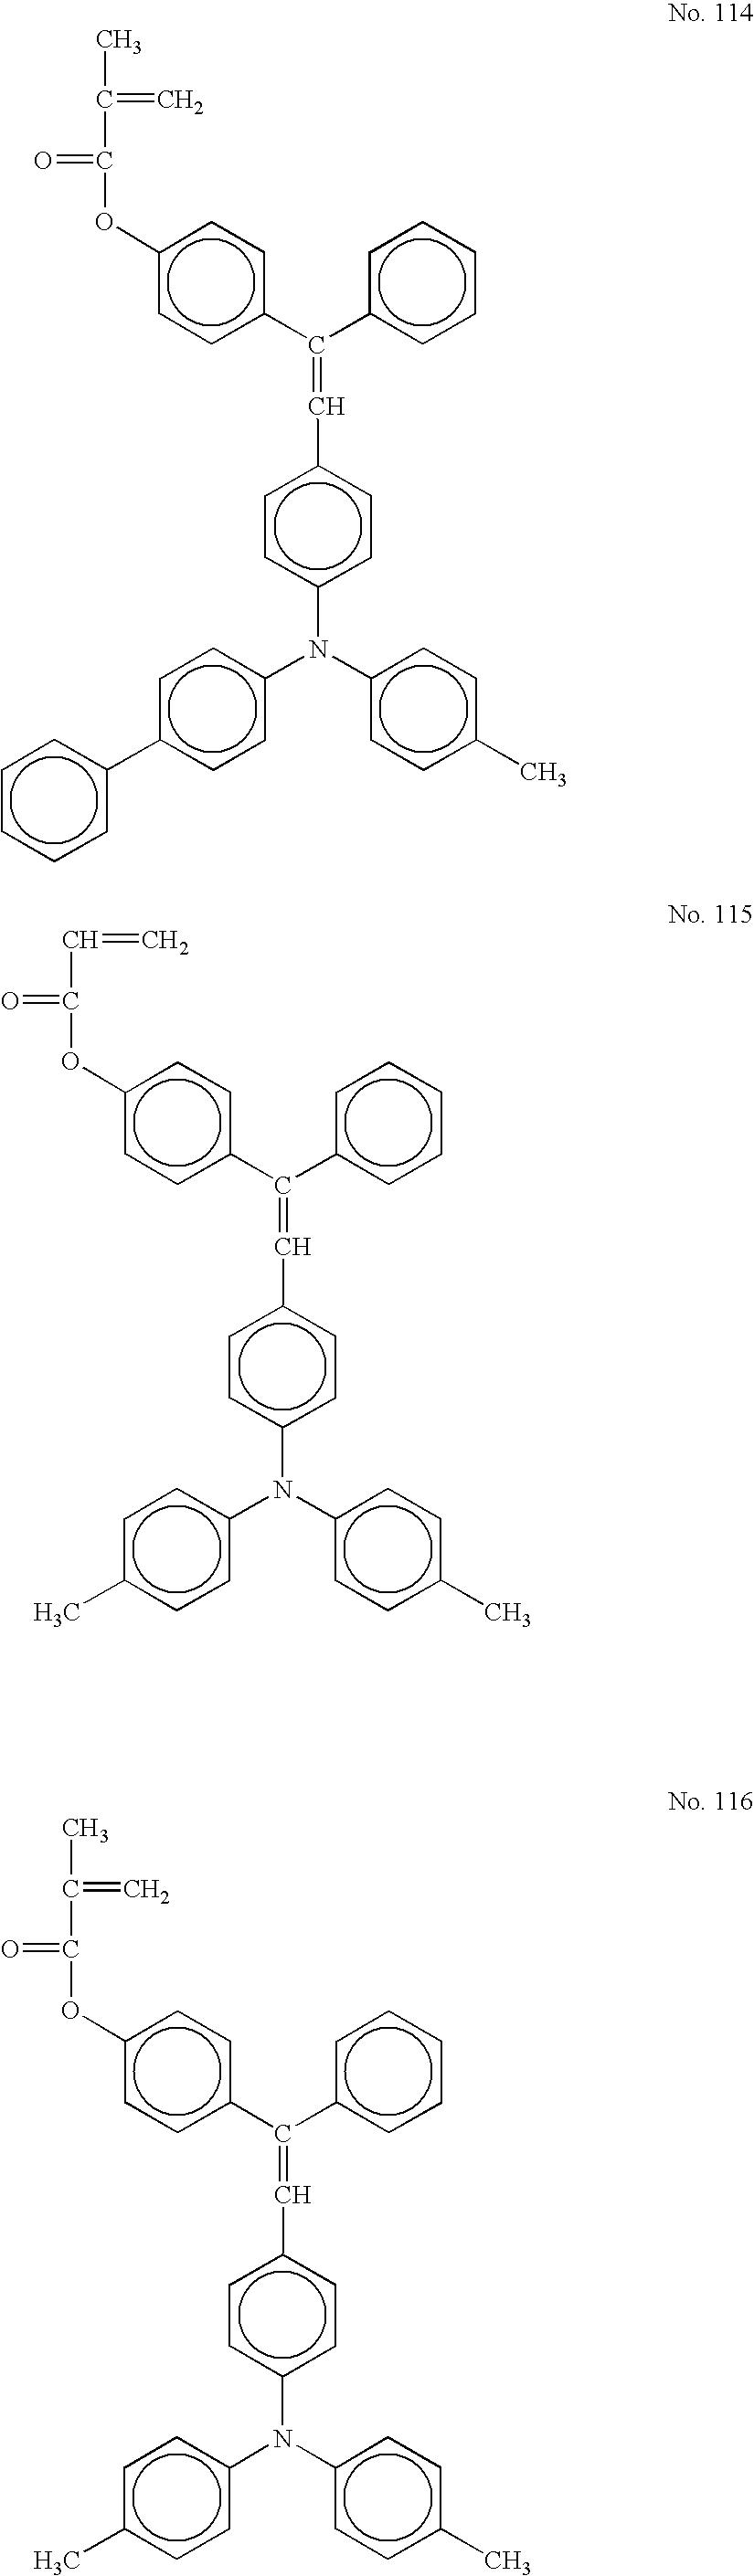 Figure US20040253527A1-20041216-C00051